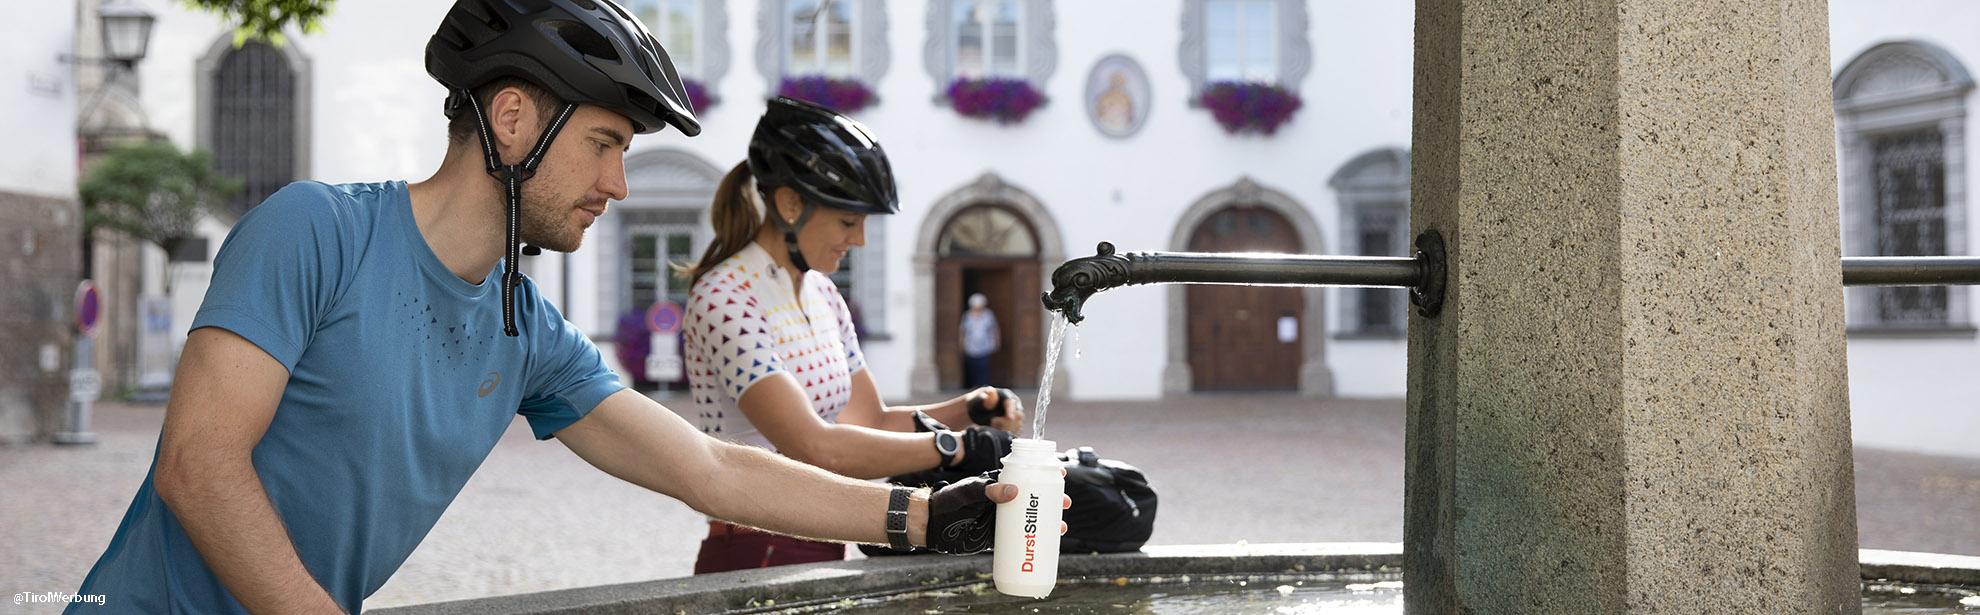 OTirolWerbung_Hall-in-Tirol_1226245